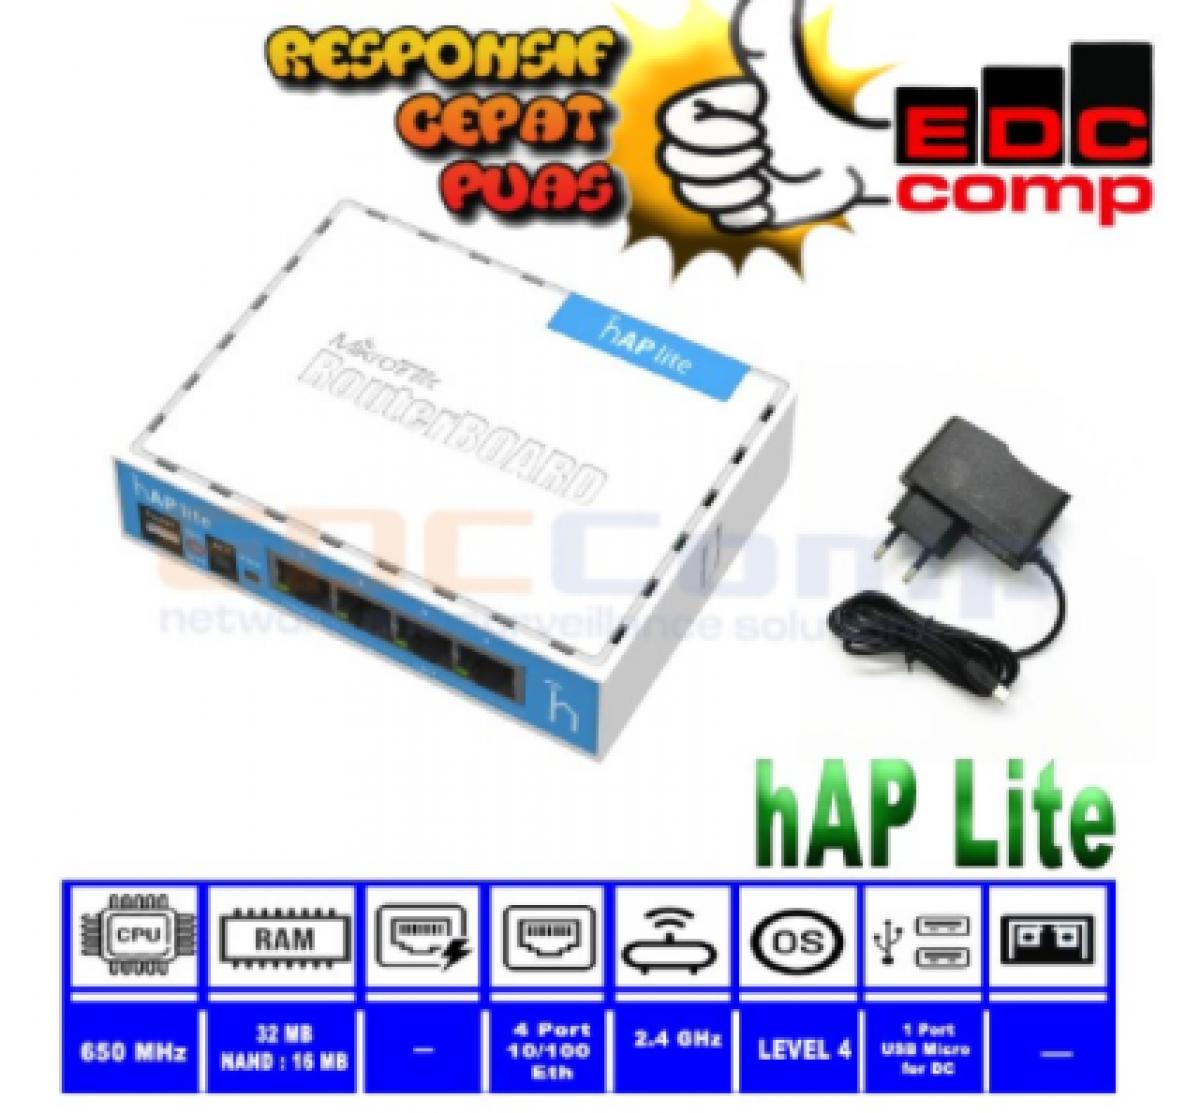 MikroTik RB941-2nD / hAP-Lite Hotspot Voucher MIKHMON MIKBOTAM - EdcComp